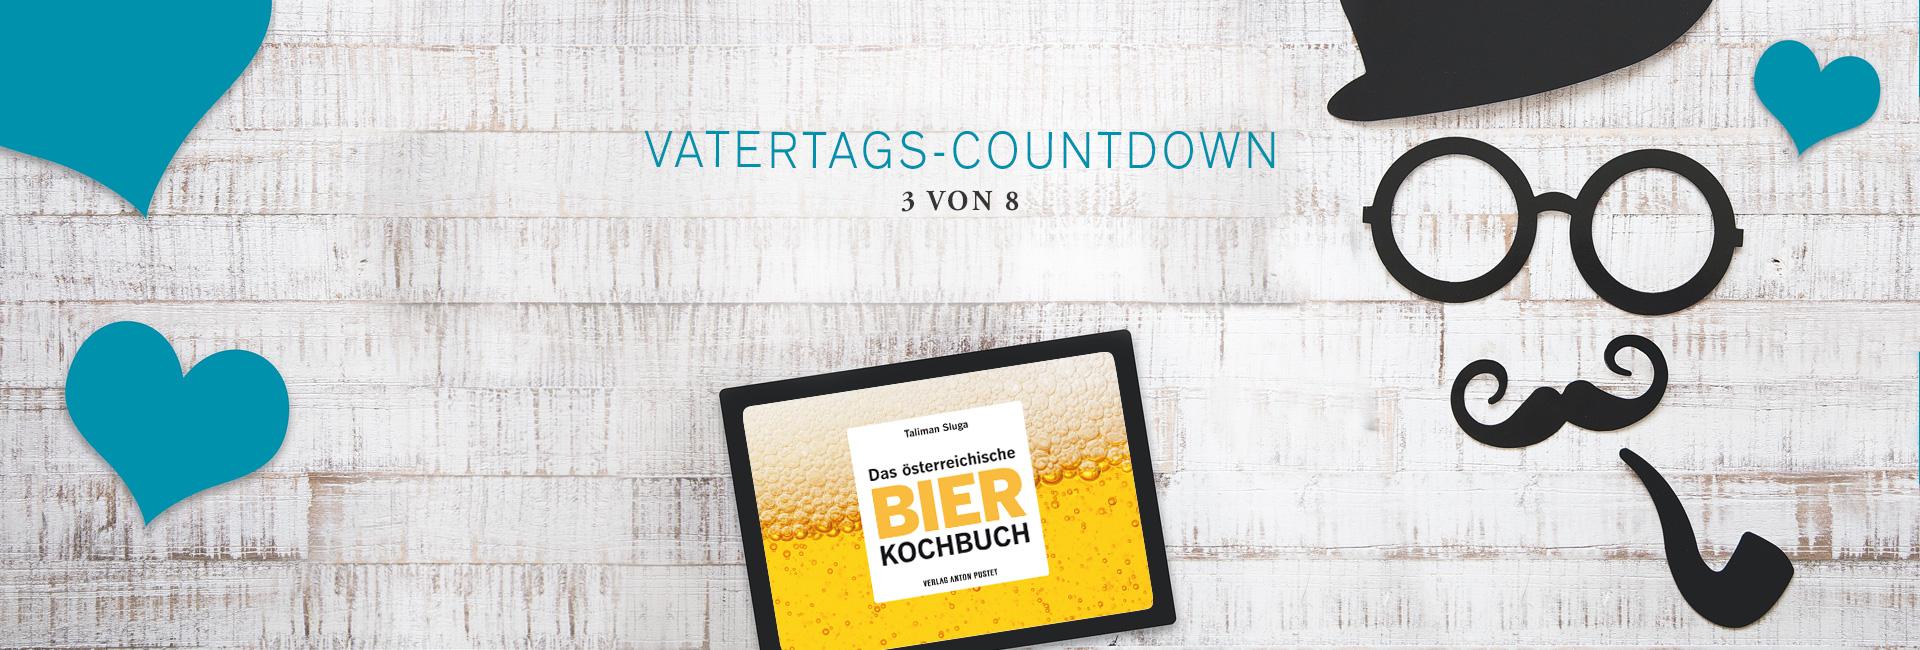 👔 Das österreichische Bier-Kochbuch